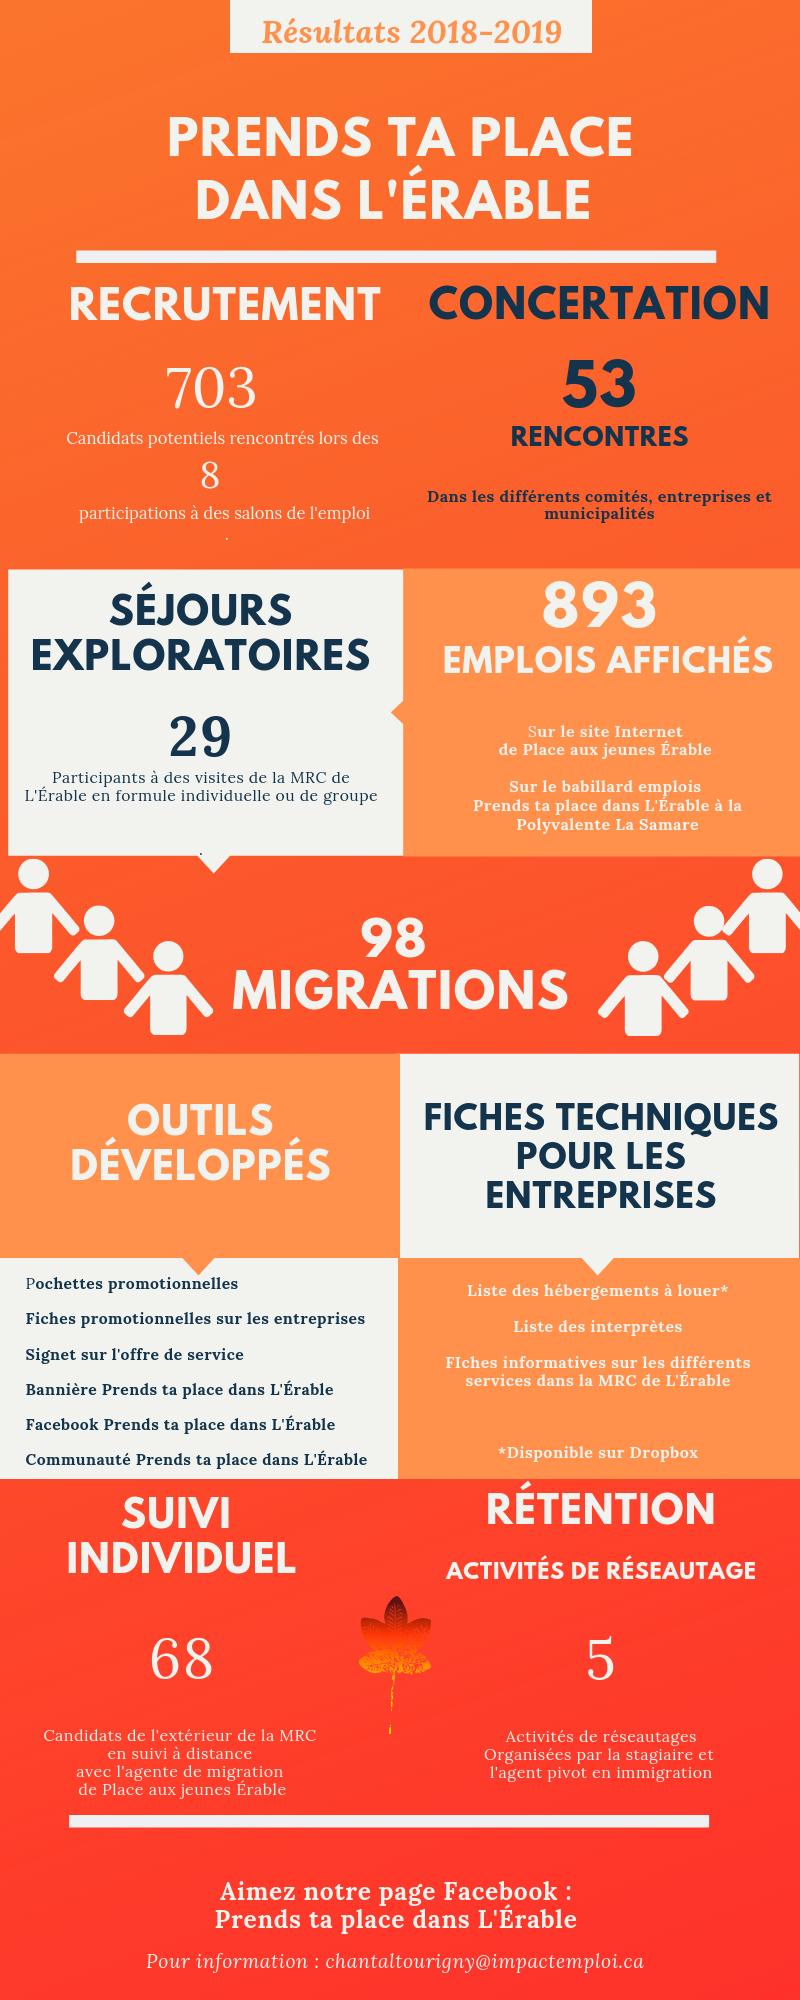 Prends ta place dans L'Érable, les résultats 2018-2019